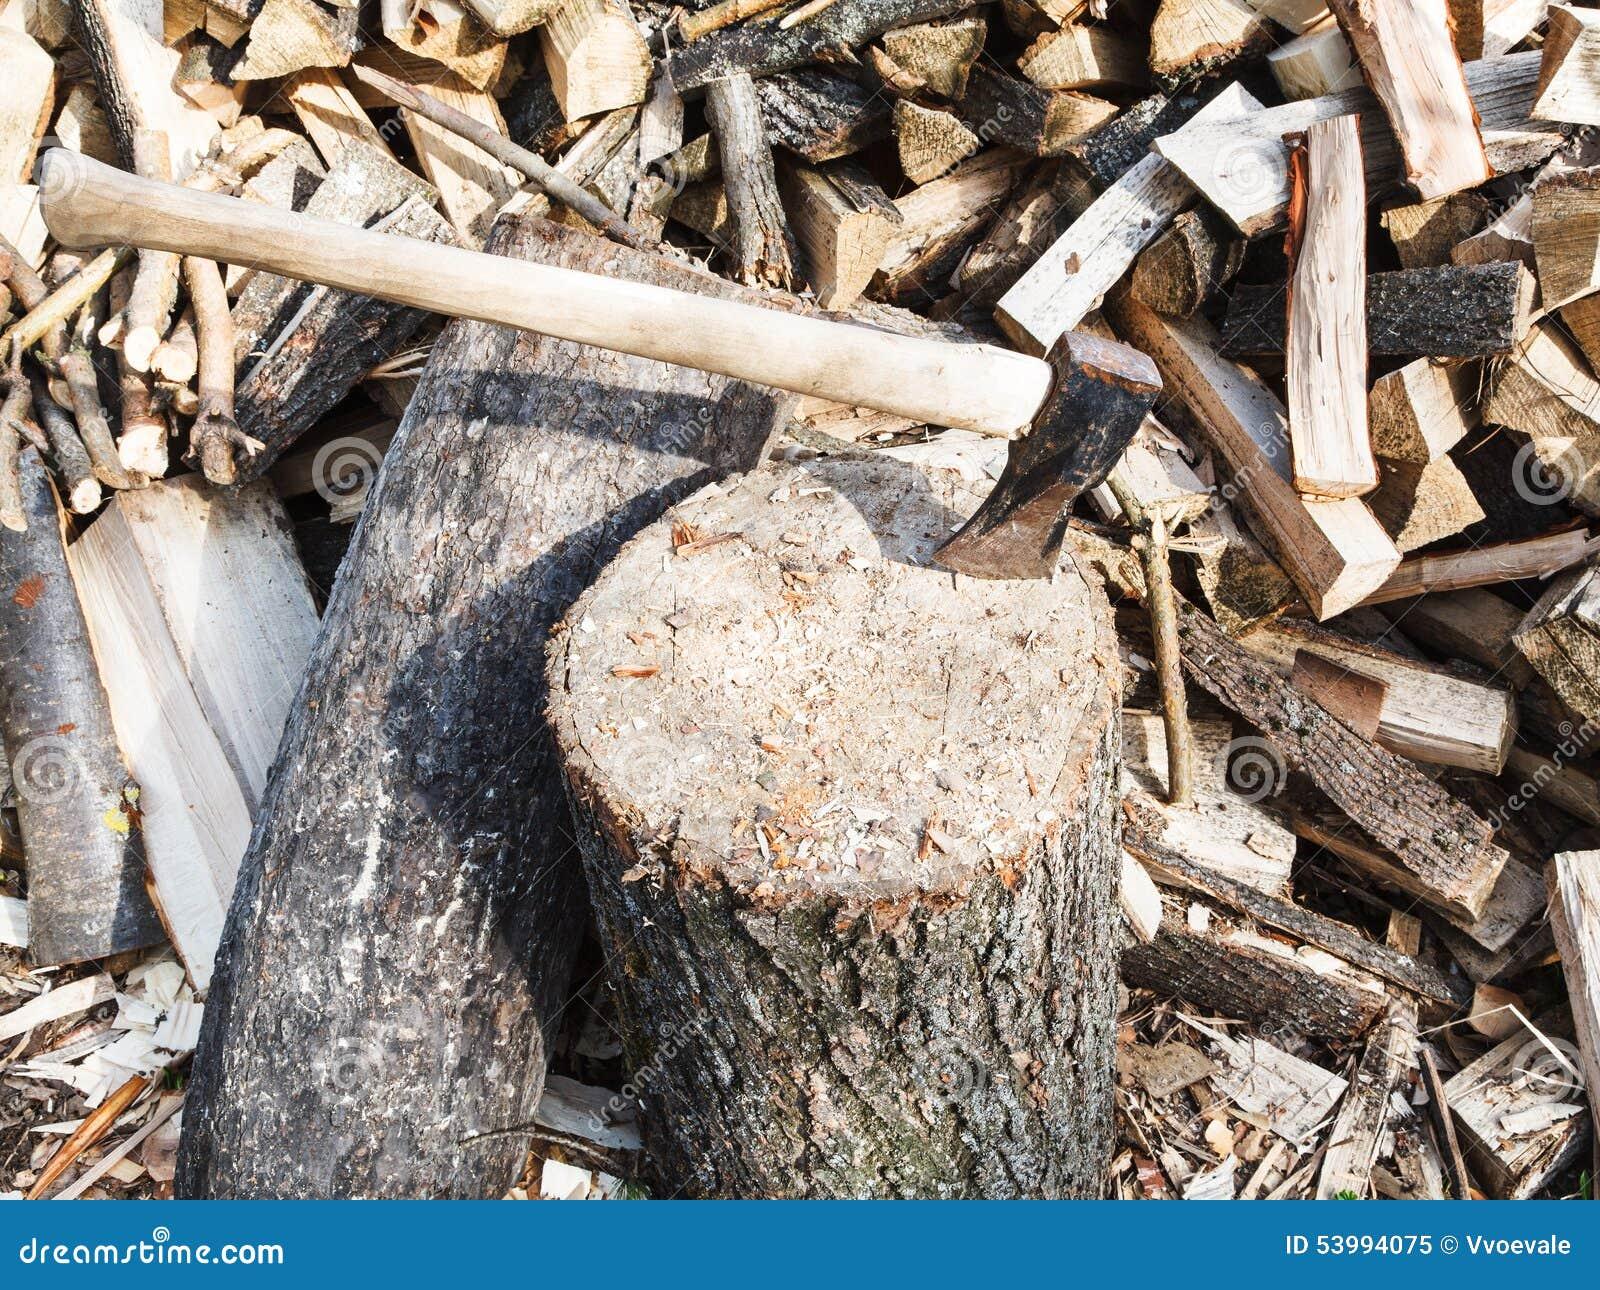 Hache En Bois De Couperet Dans Le Bloc Pour Couper Le Bois De Chauffage Photo stock Image  # Quand Couper Le Bois De Chauffage